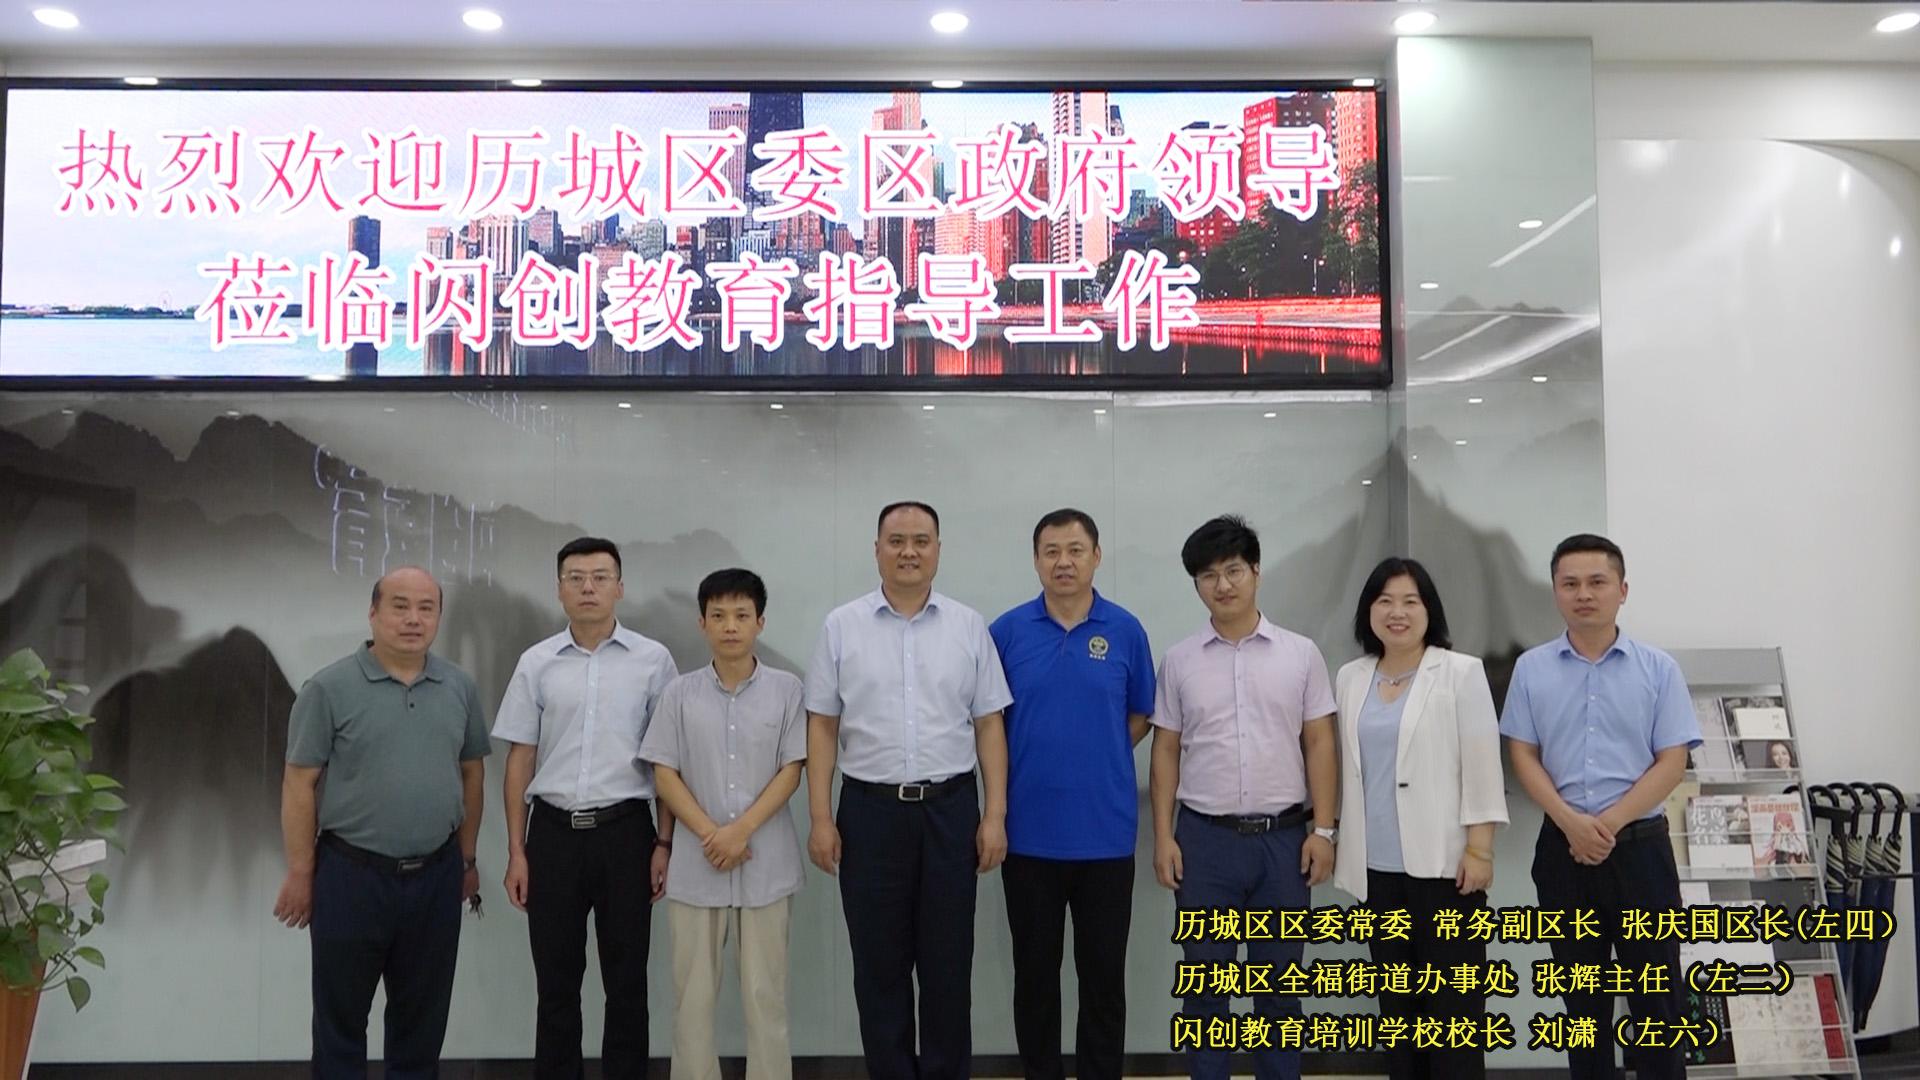 热烈欢迎历城区委政府领导莅临闪创教育指导工作